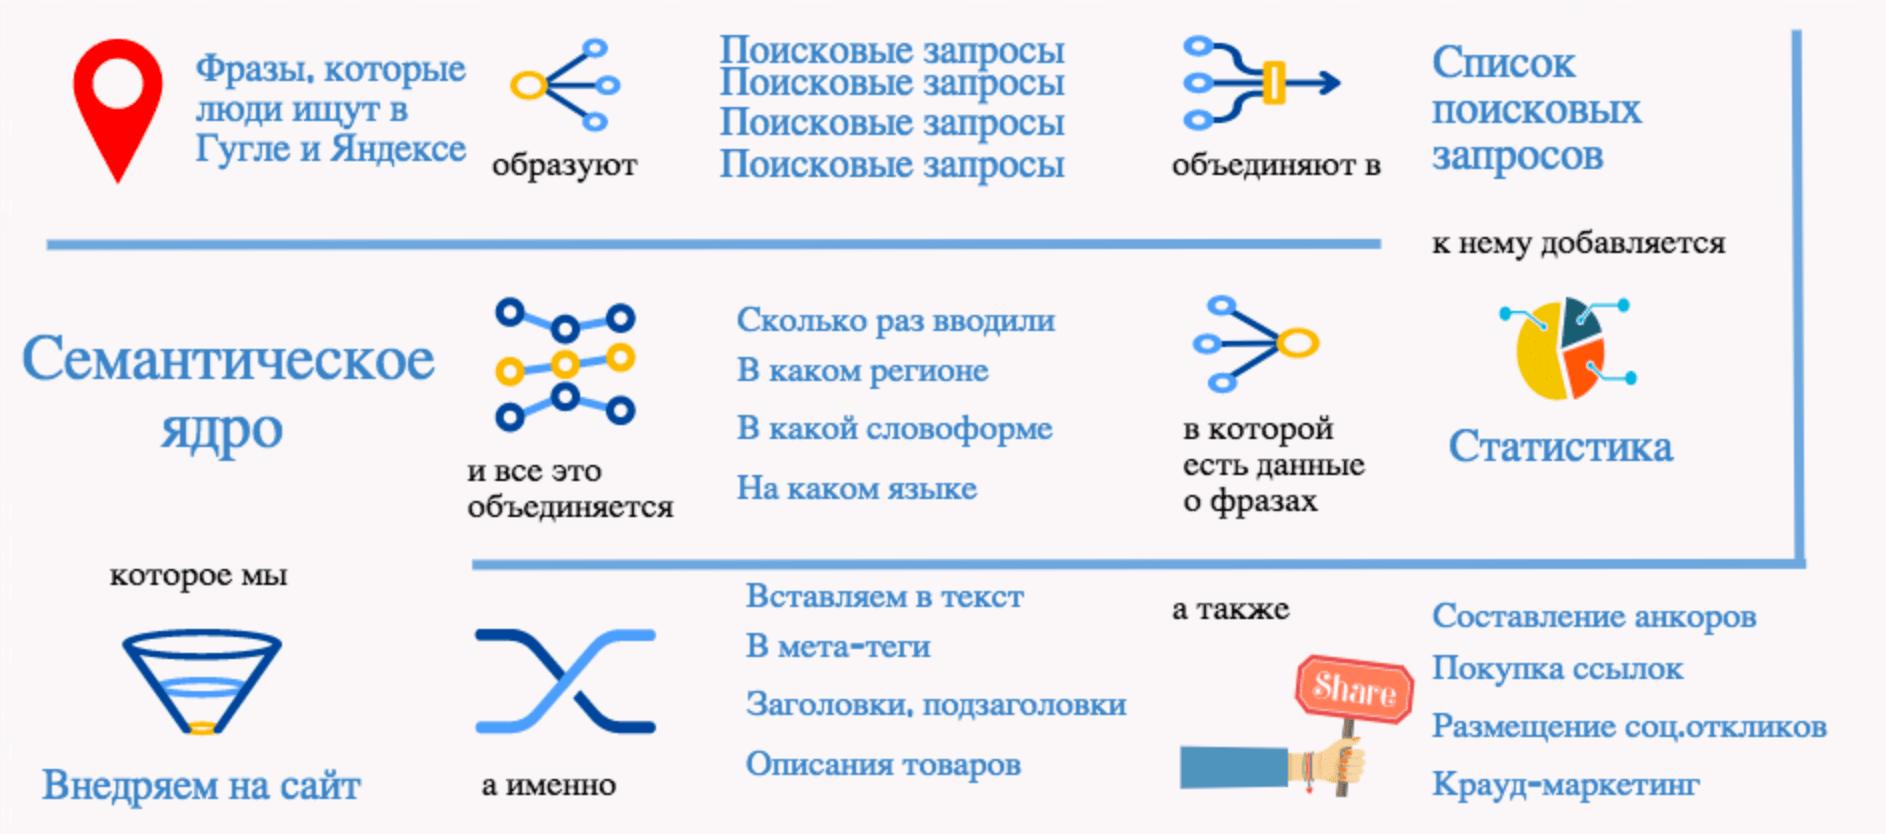 chto-takoe-semanticheskoe-yadro